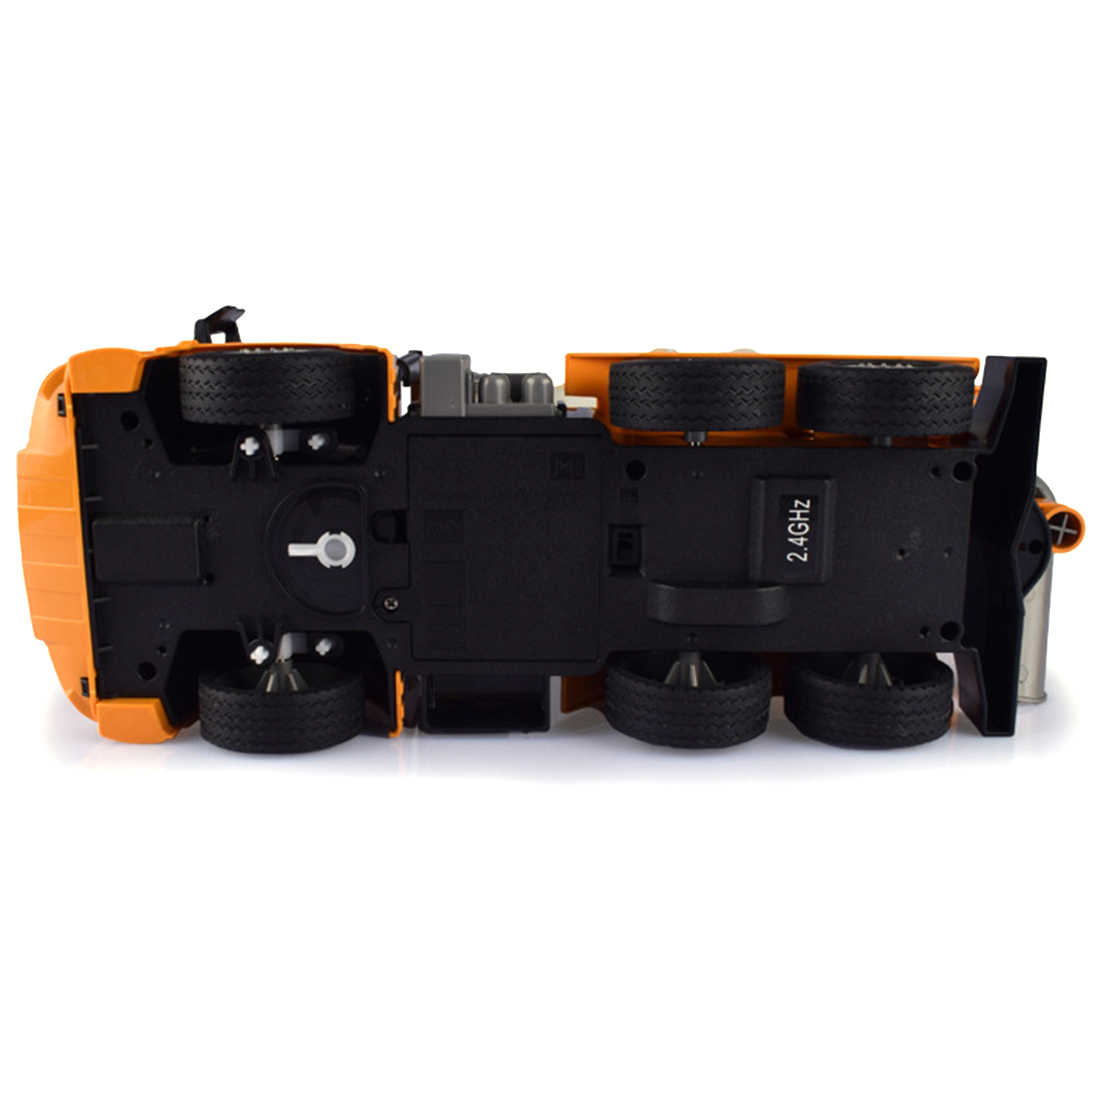 1:26 2,4G RC vehículo de construcción volquete camión volquete modelo RC coche de juguete para niños RC camiones